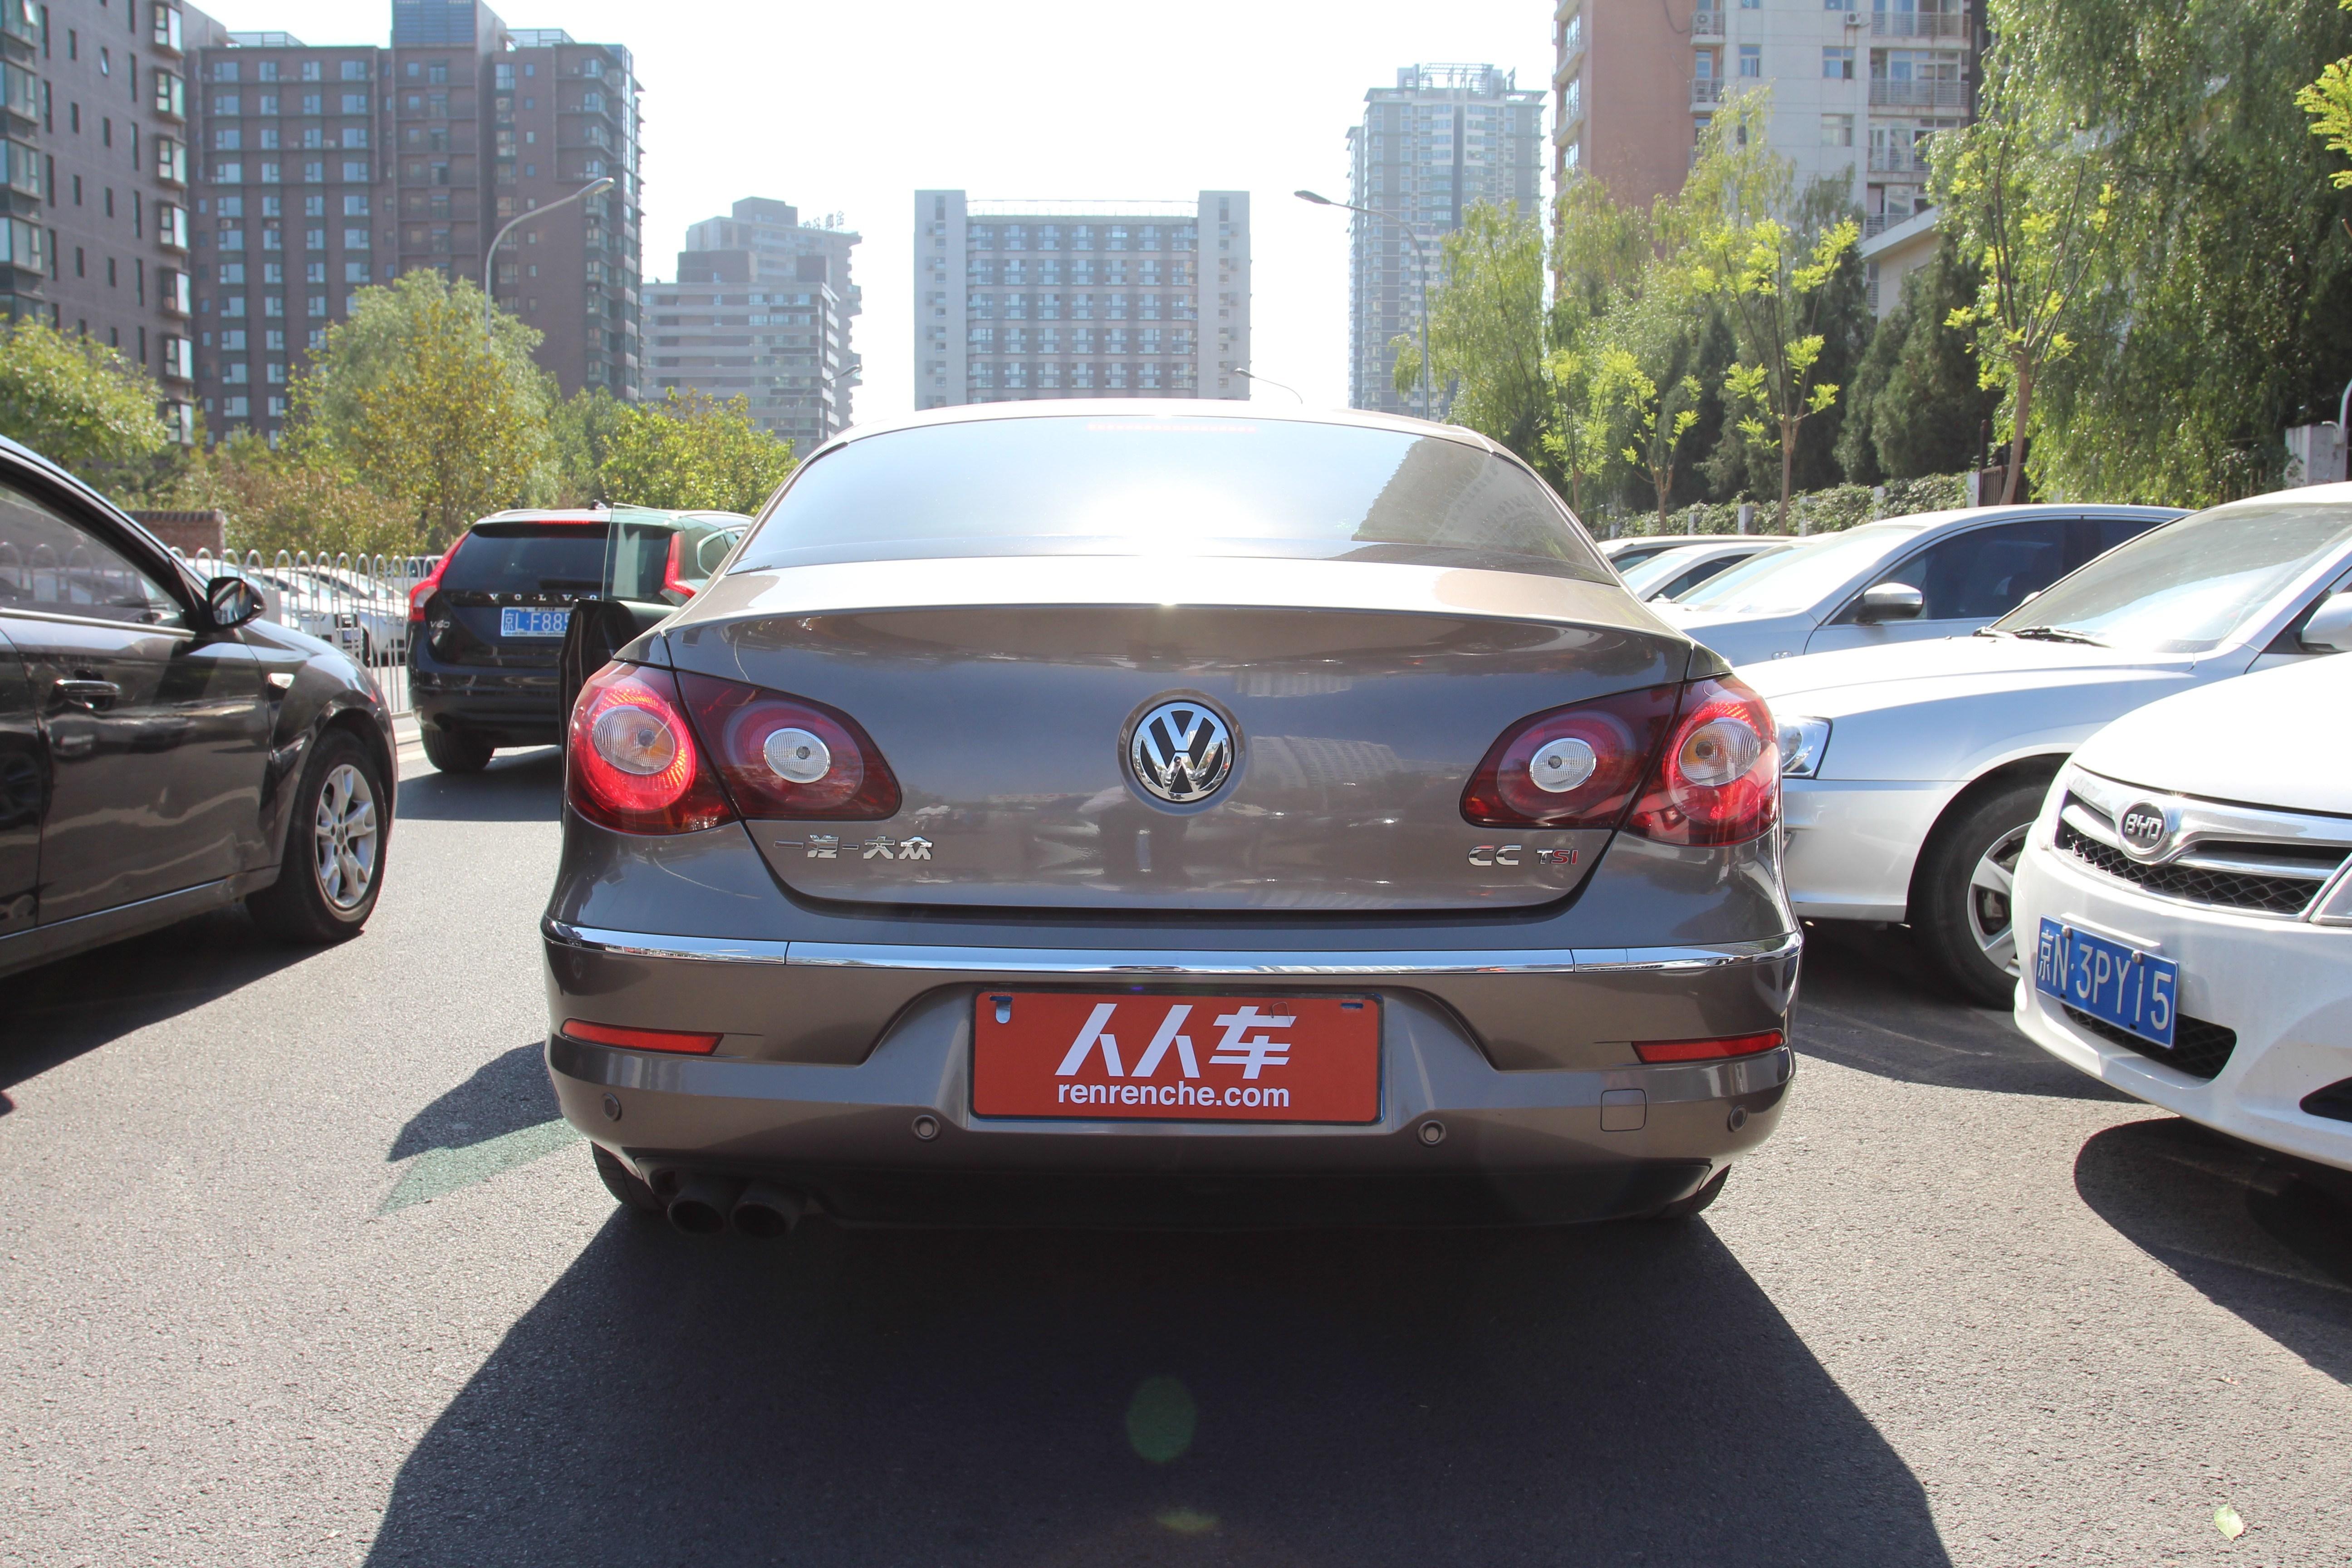 北京二手大众-cc 2012款 1.8tsi 豪华型_最新报价及